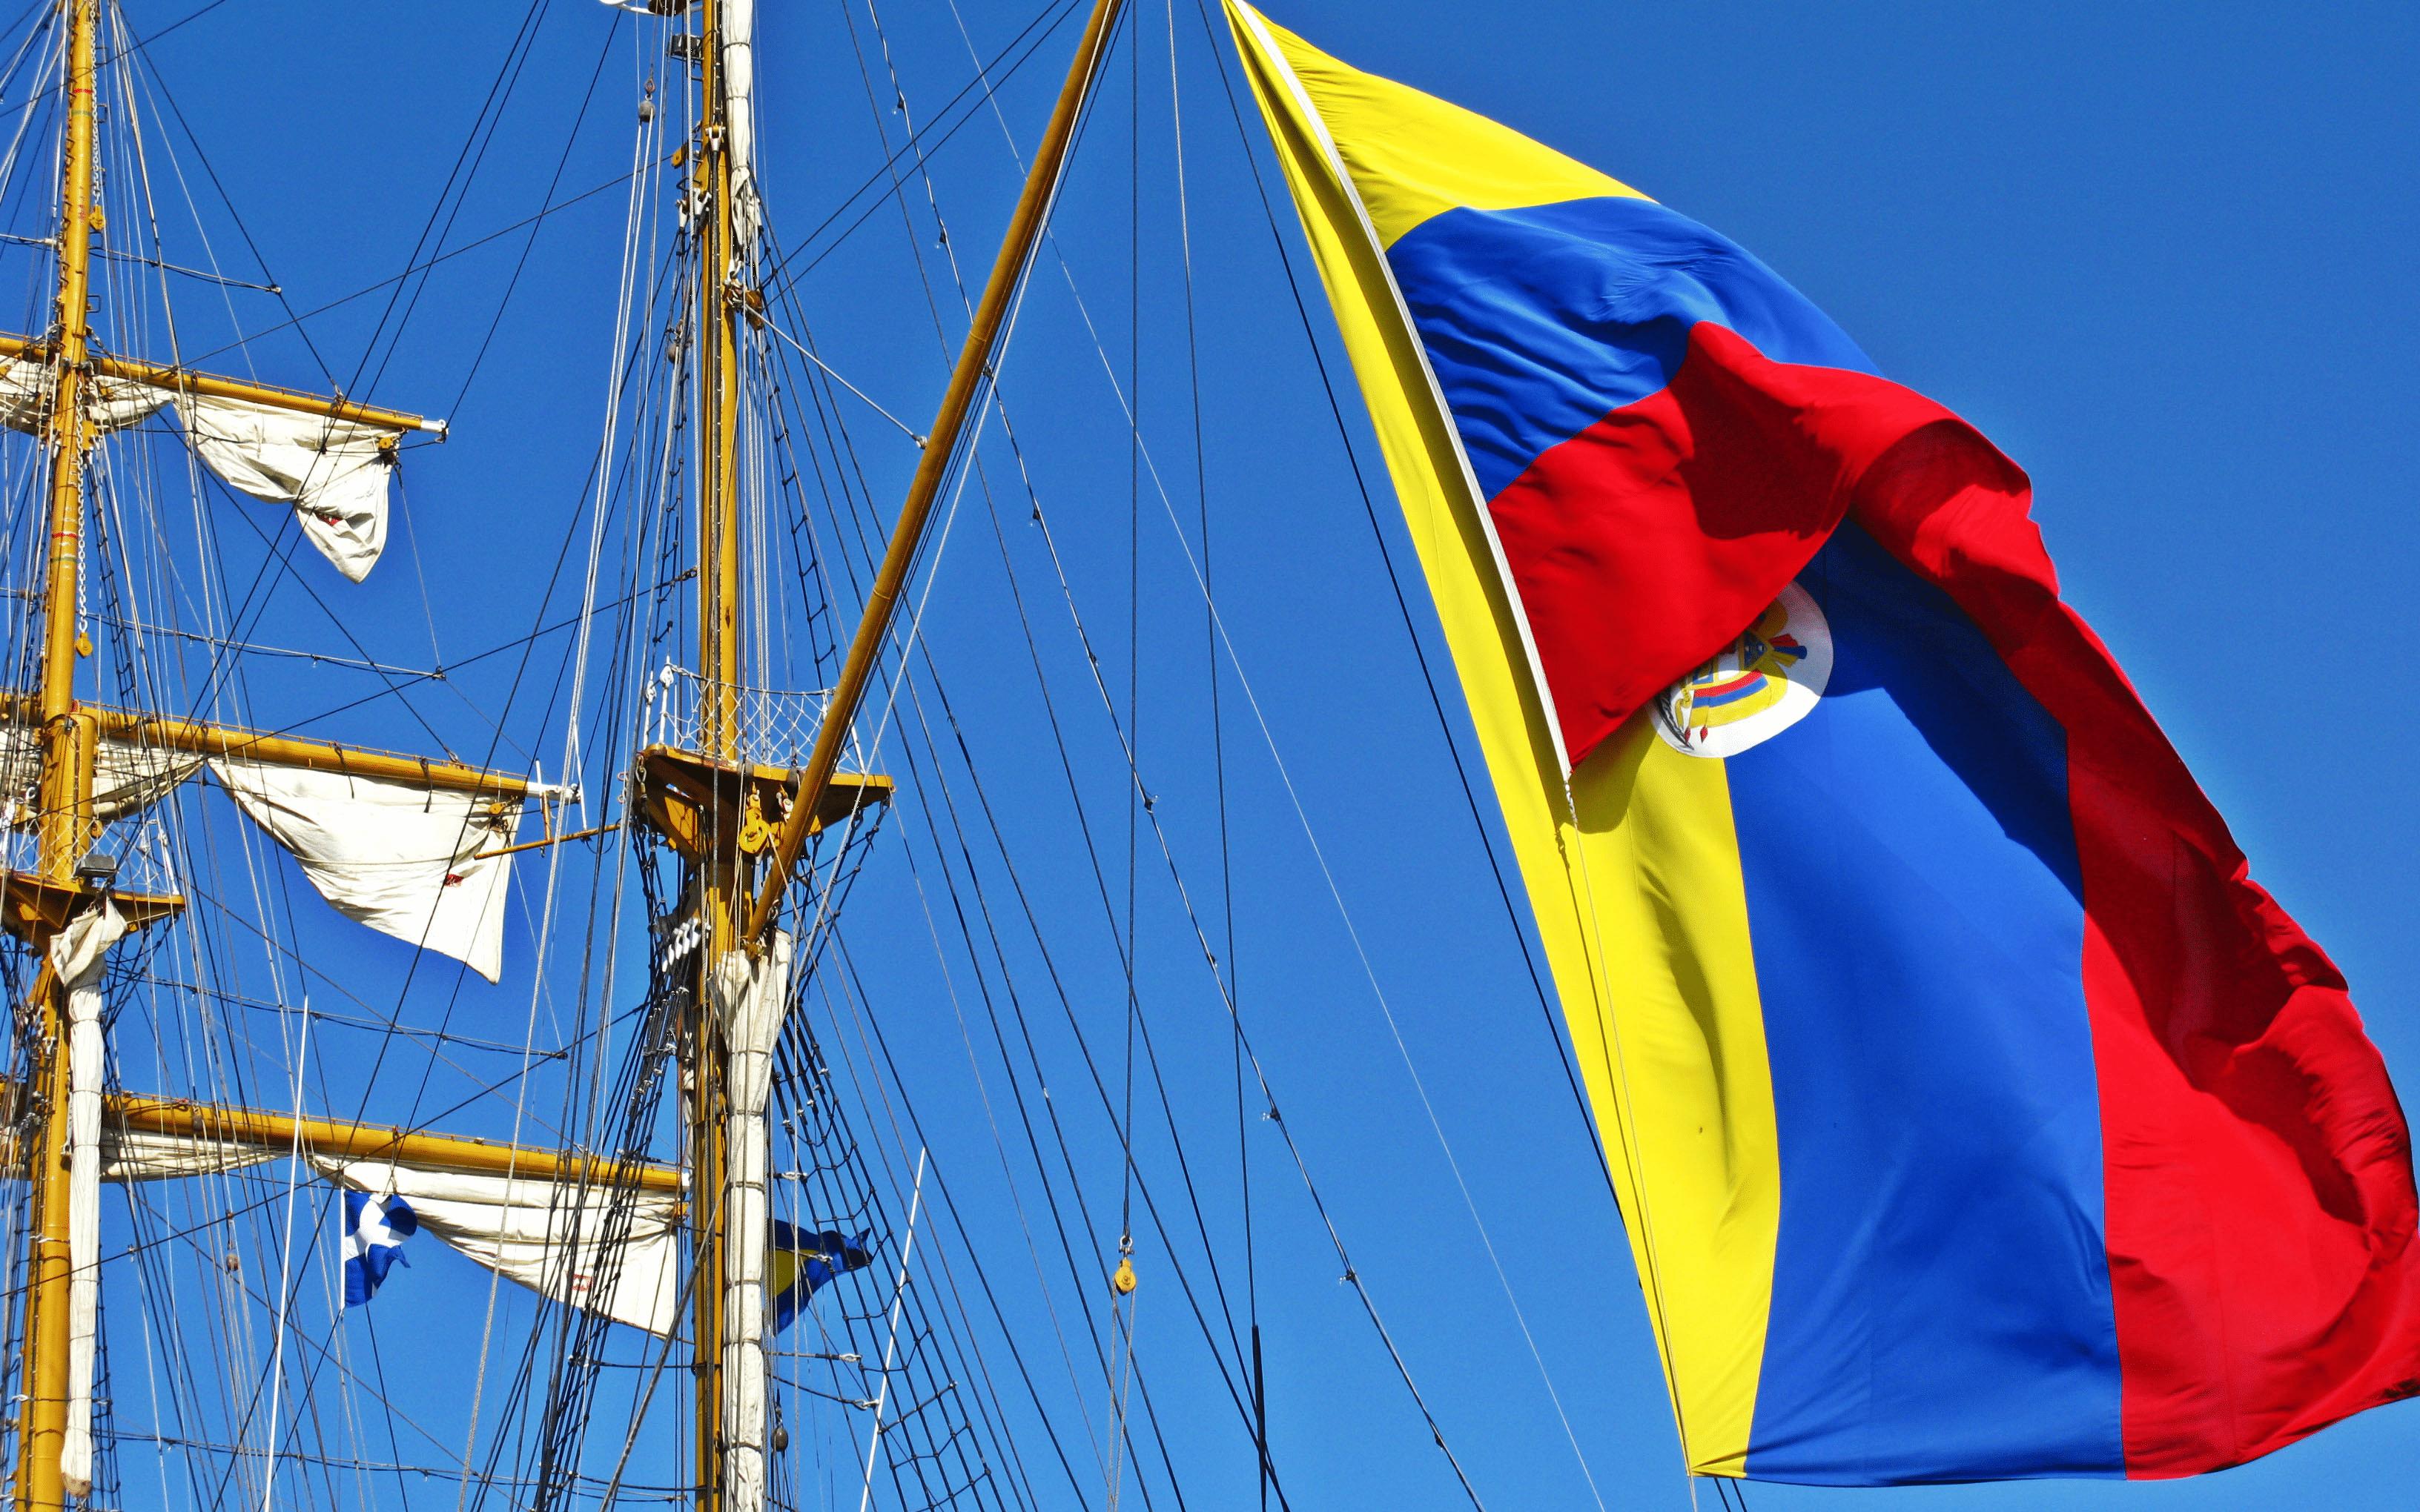 Mejores Sitios de Craps Online en Colombia en 2018